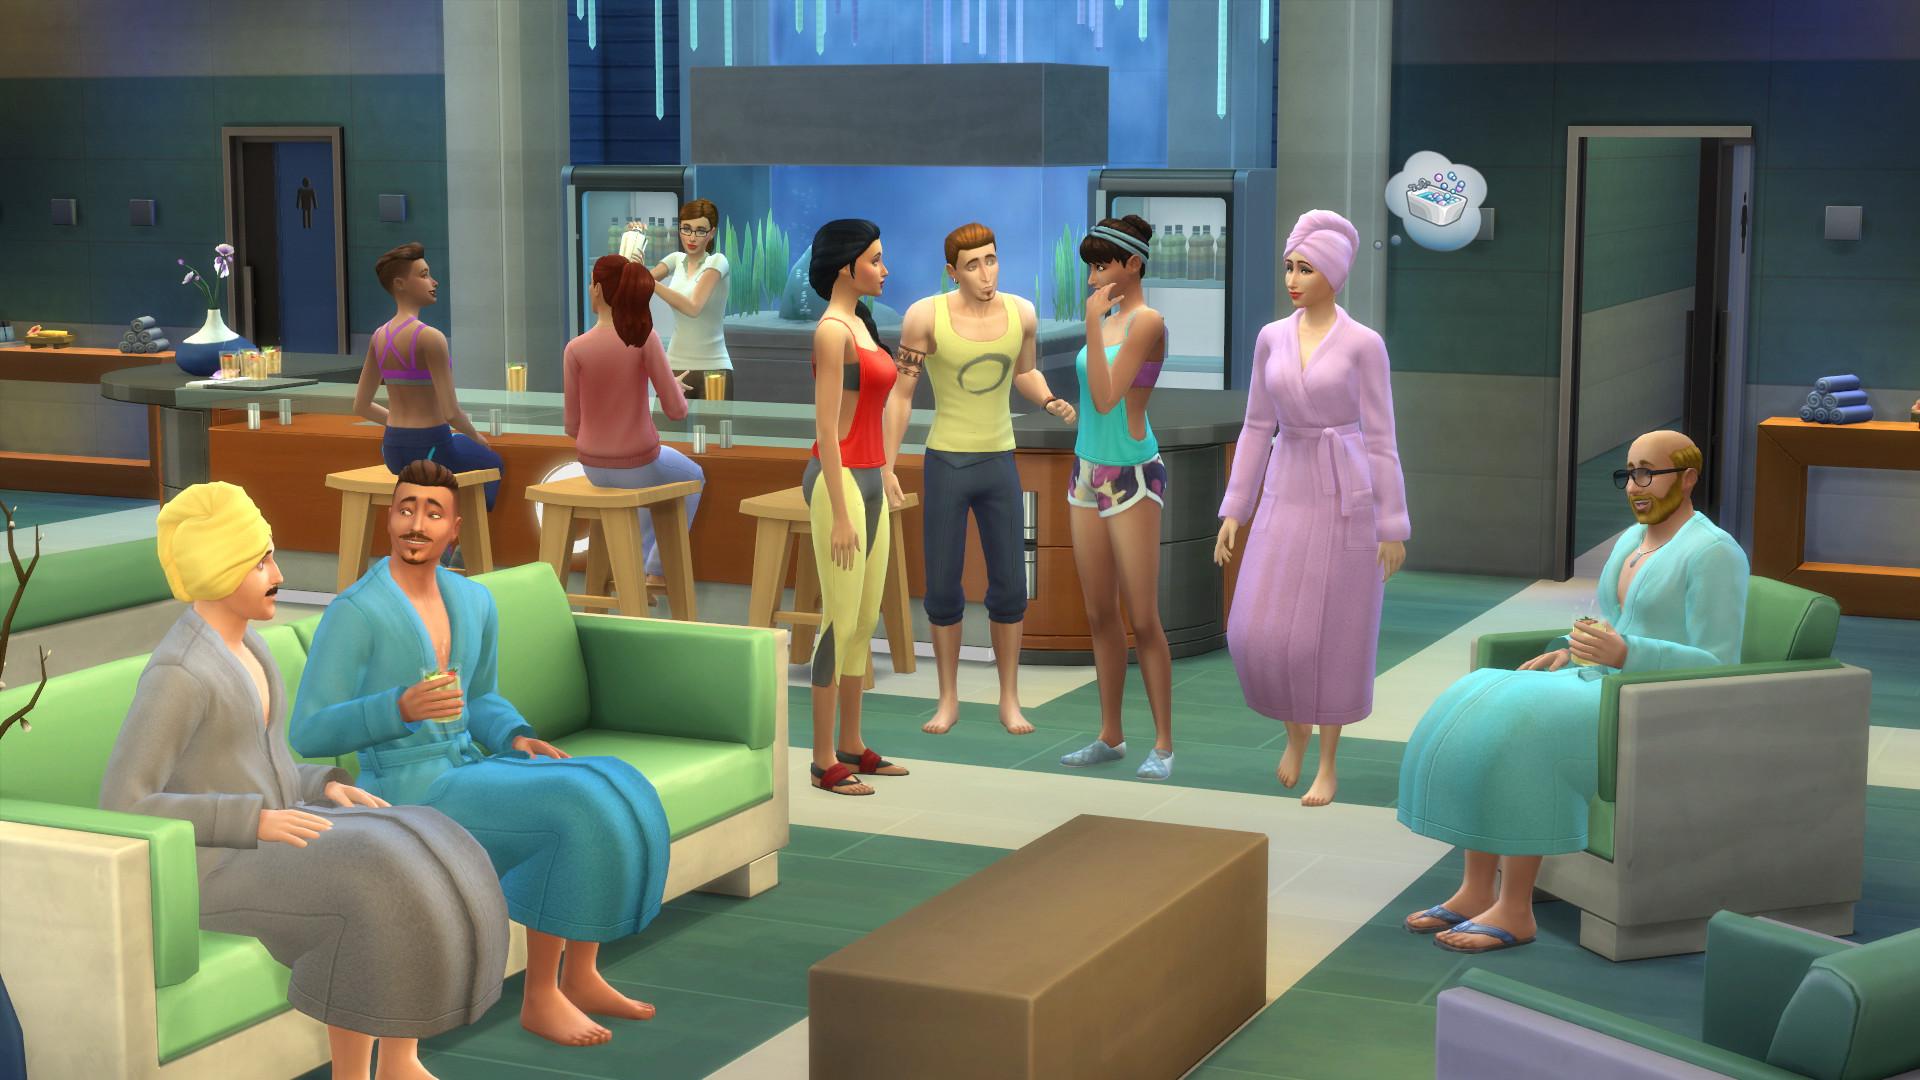 《模拟人生4:水疗日》将迎来免费大更新 9月7日推出